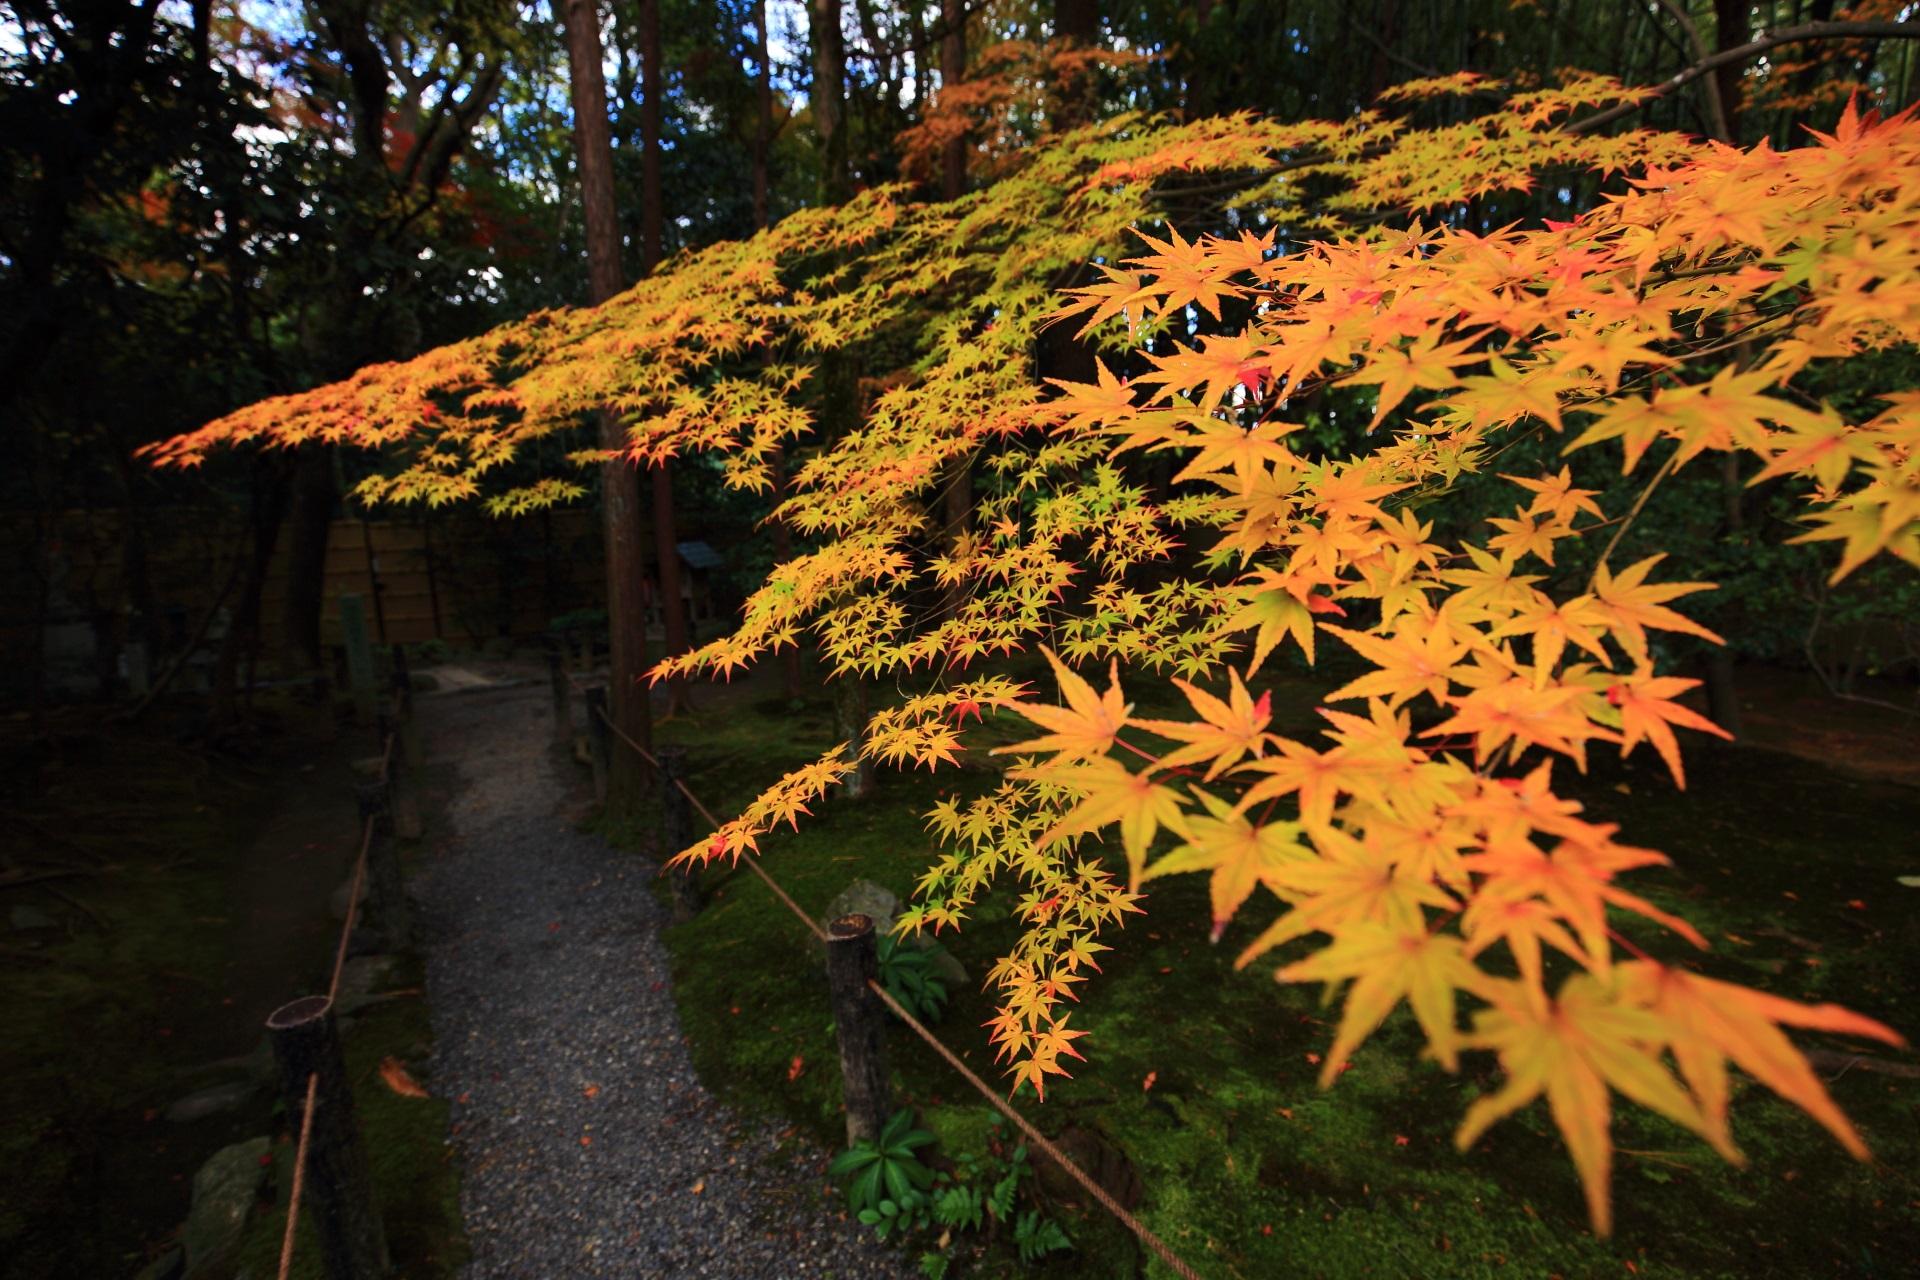 桂春院の静かな細い参道をつつむ華やかな紅葉